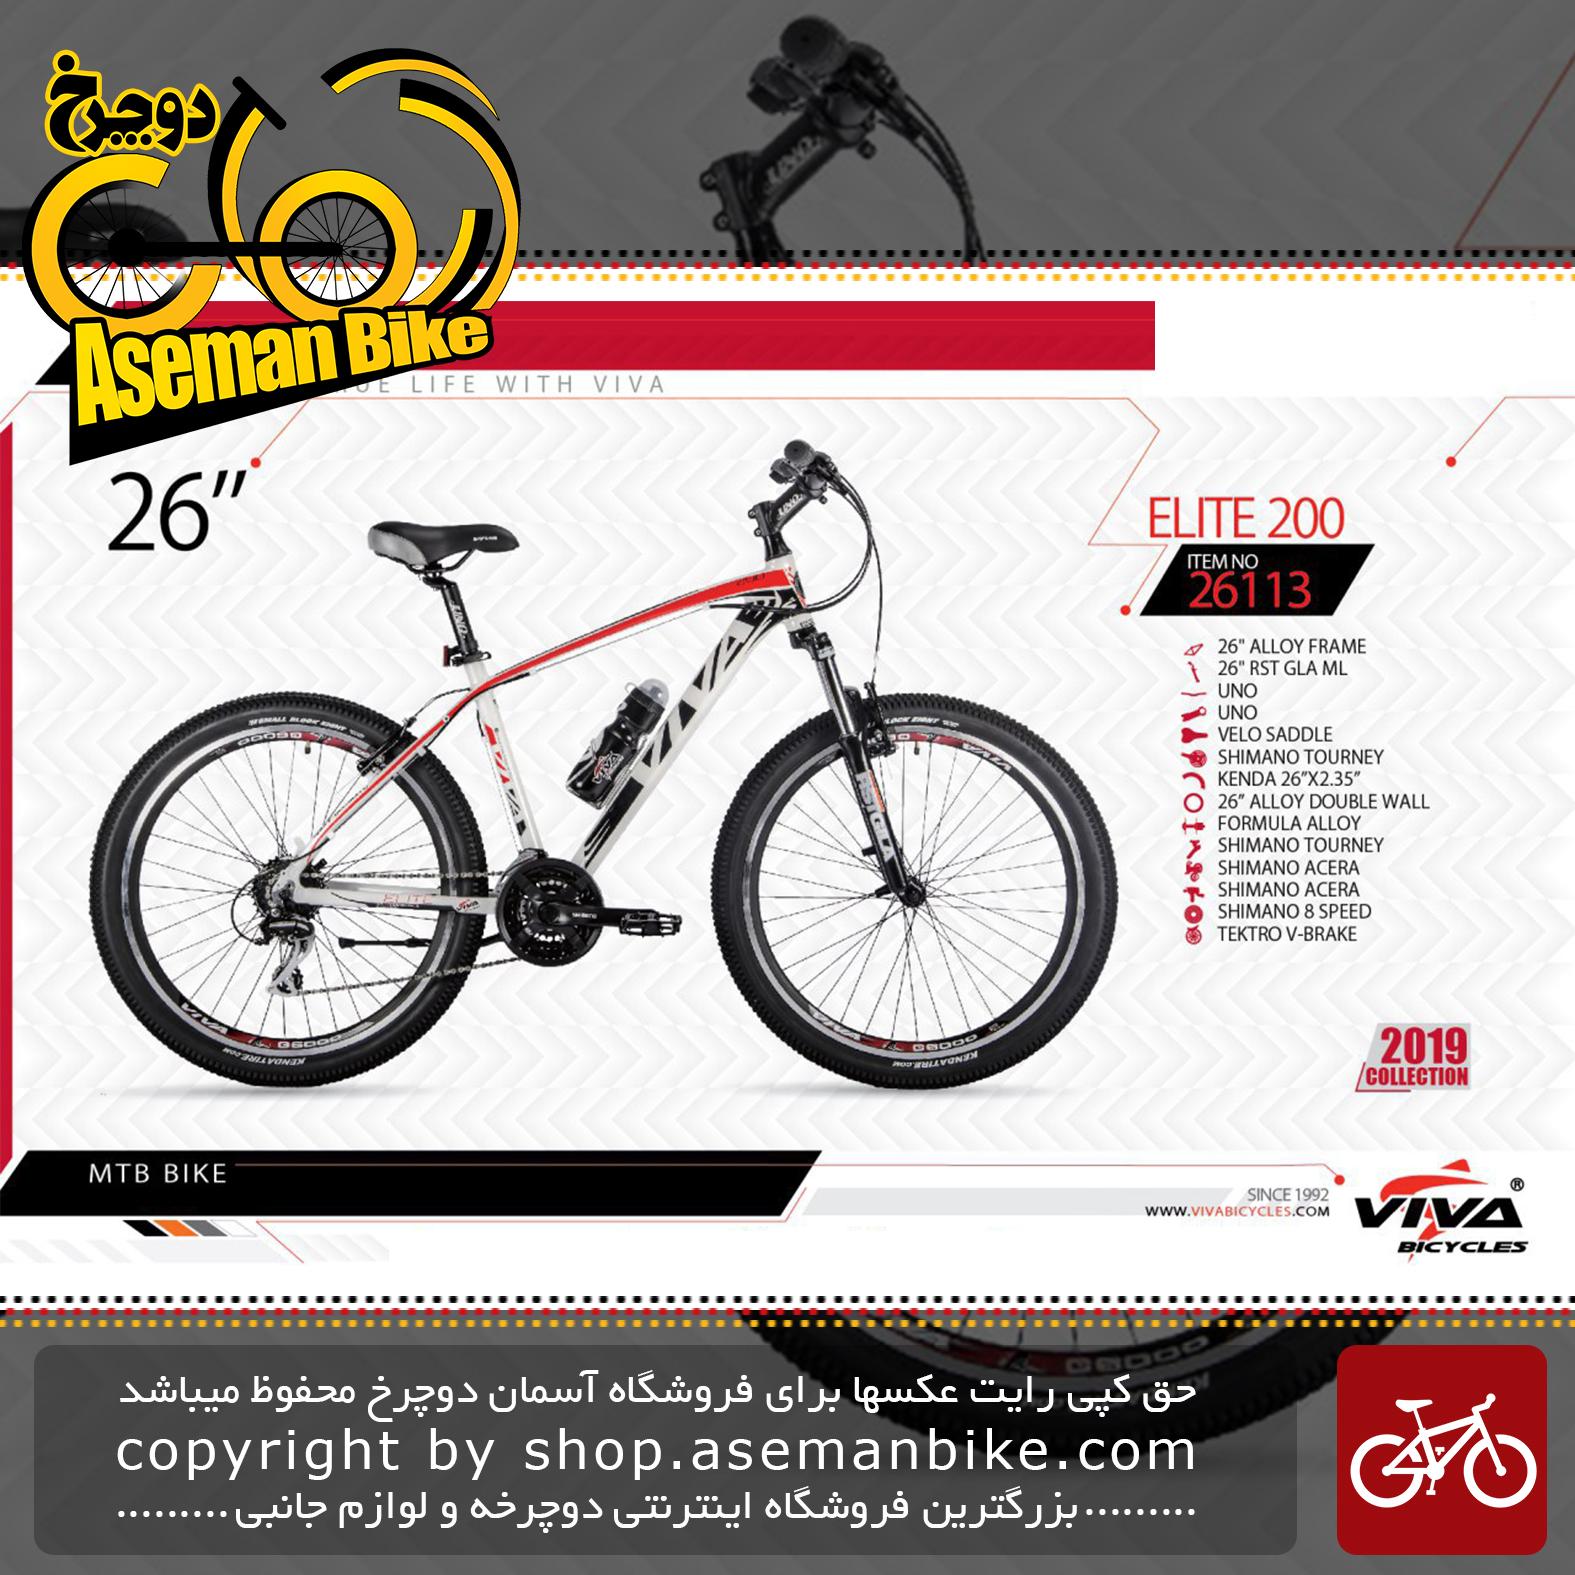 دوچرخه کوهستان سایز 26 ویوا مدل الیت 200 VIVA ELITE SIZE 26 20192019